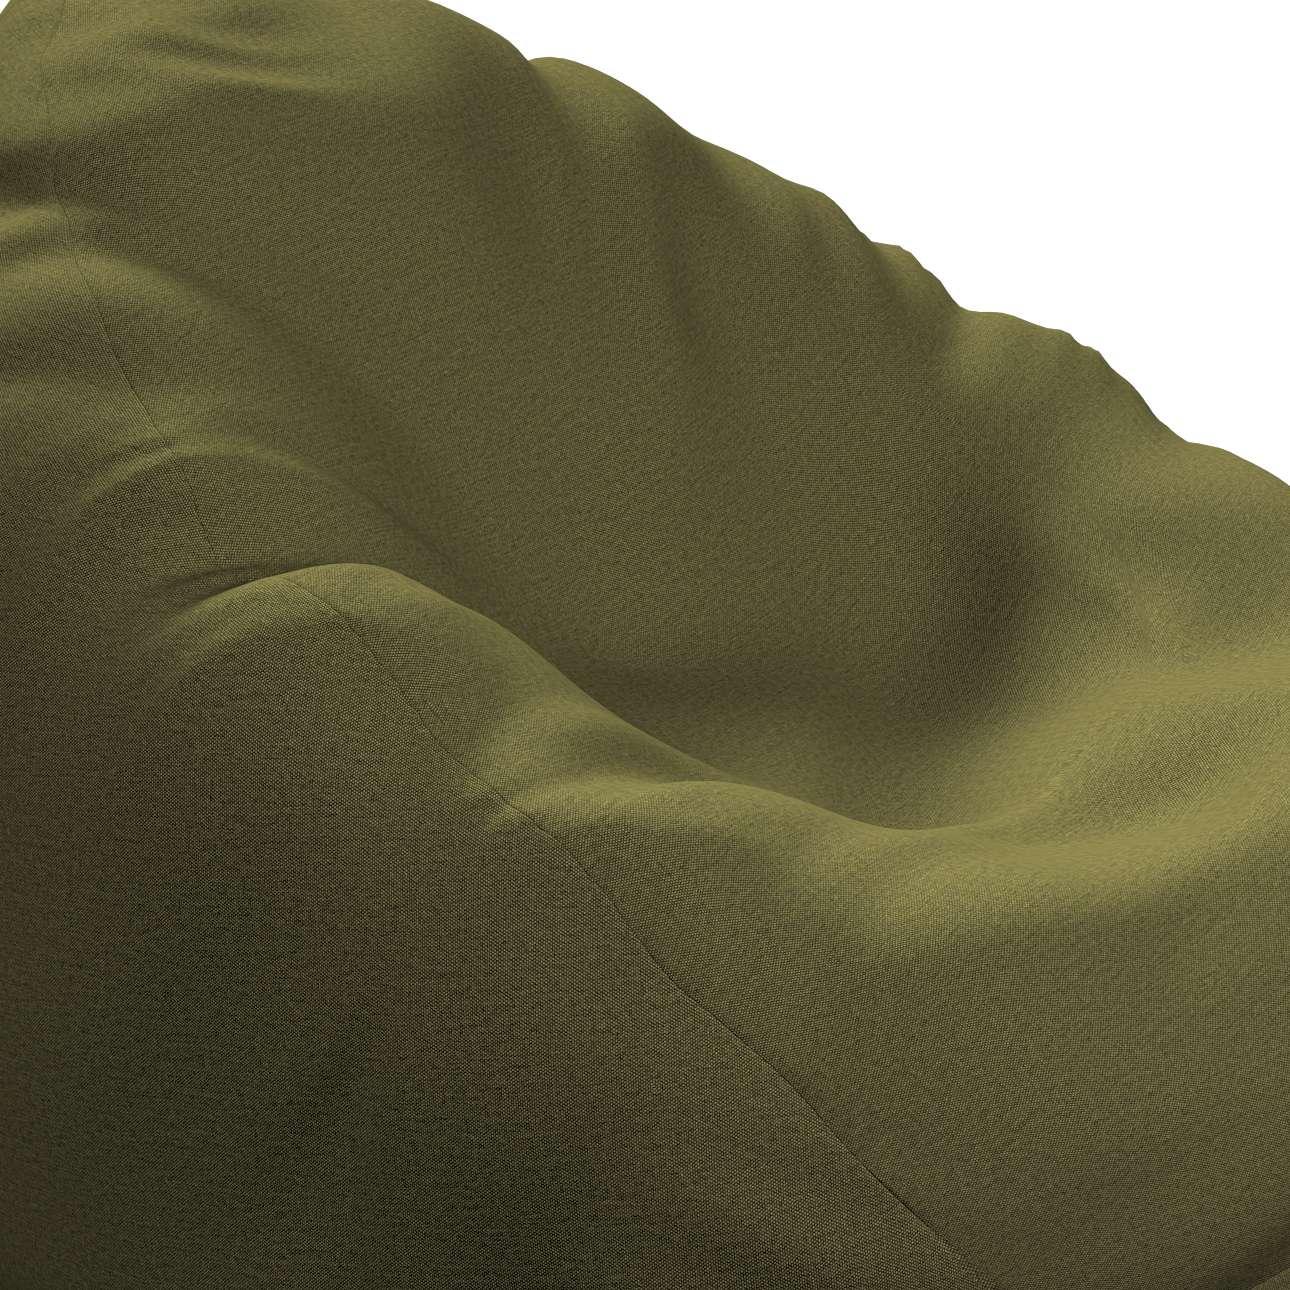 Pokrowiec na worek do siedzenia w kolekcji Etna, tkanina: 161-26